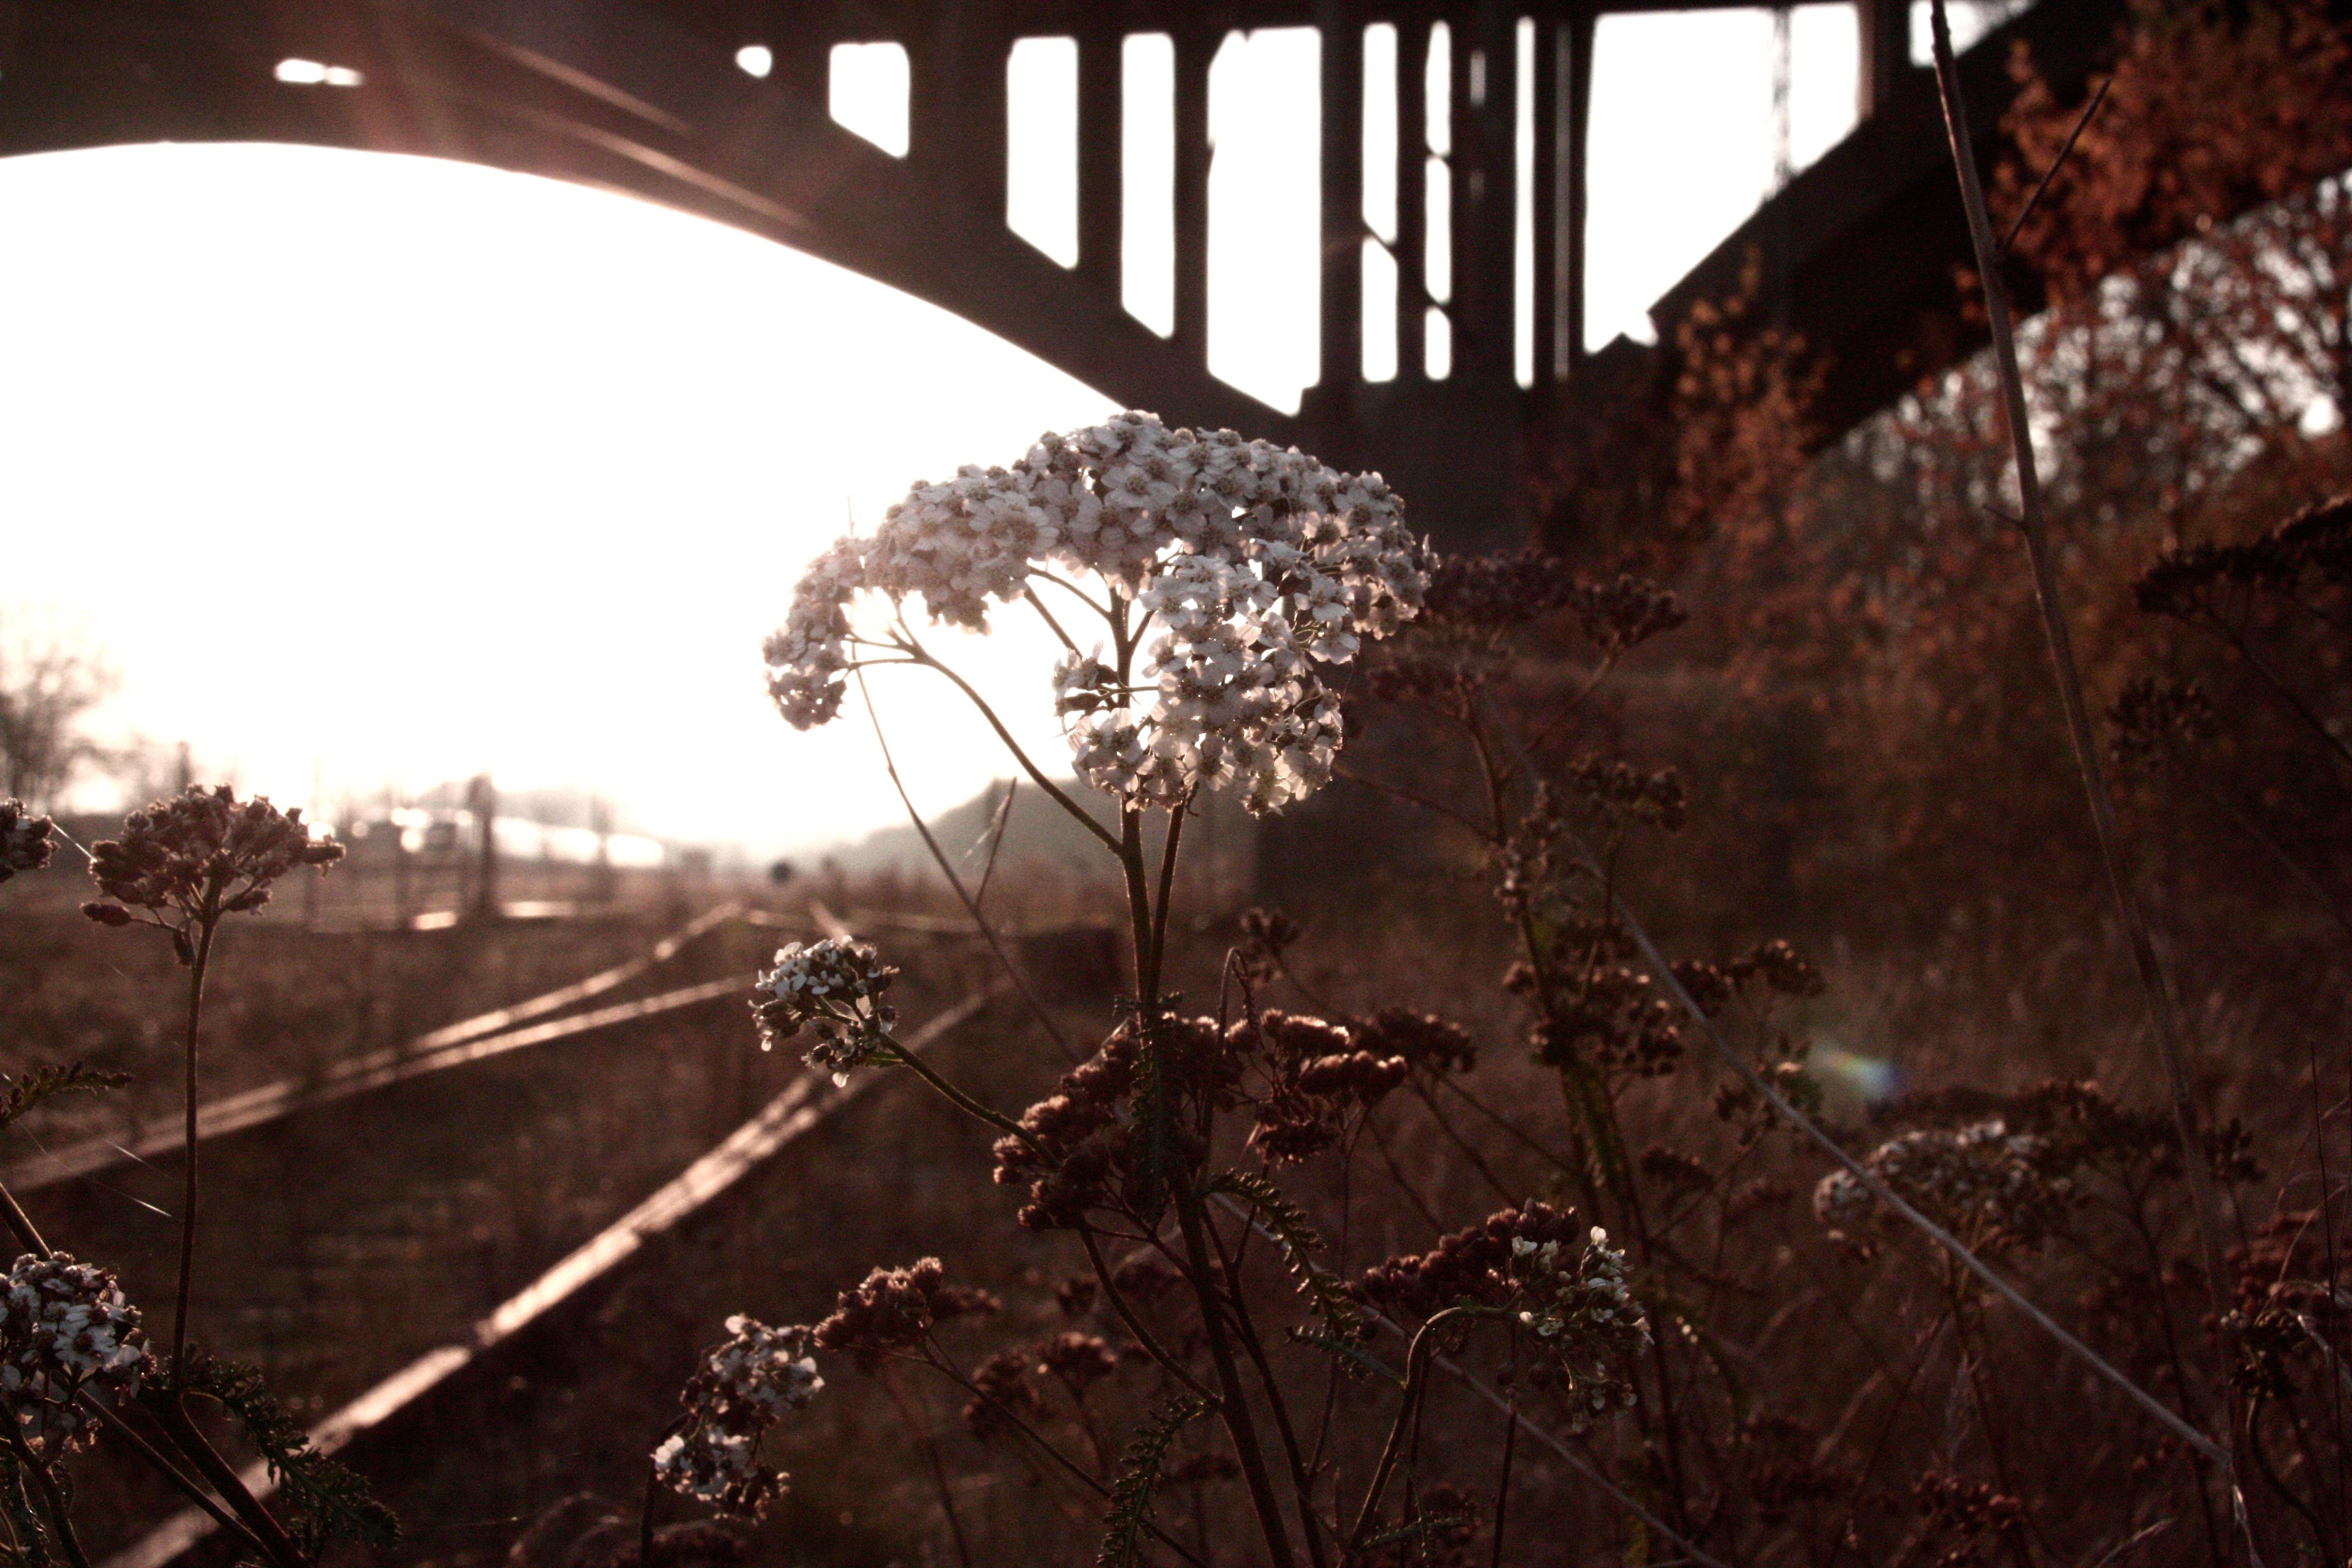 Railway flowers, Aarhus